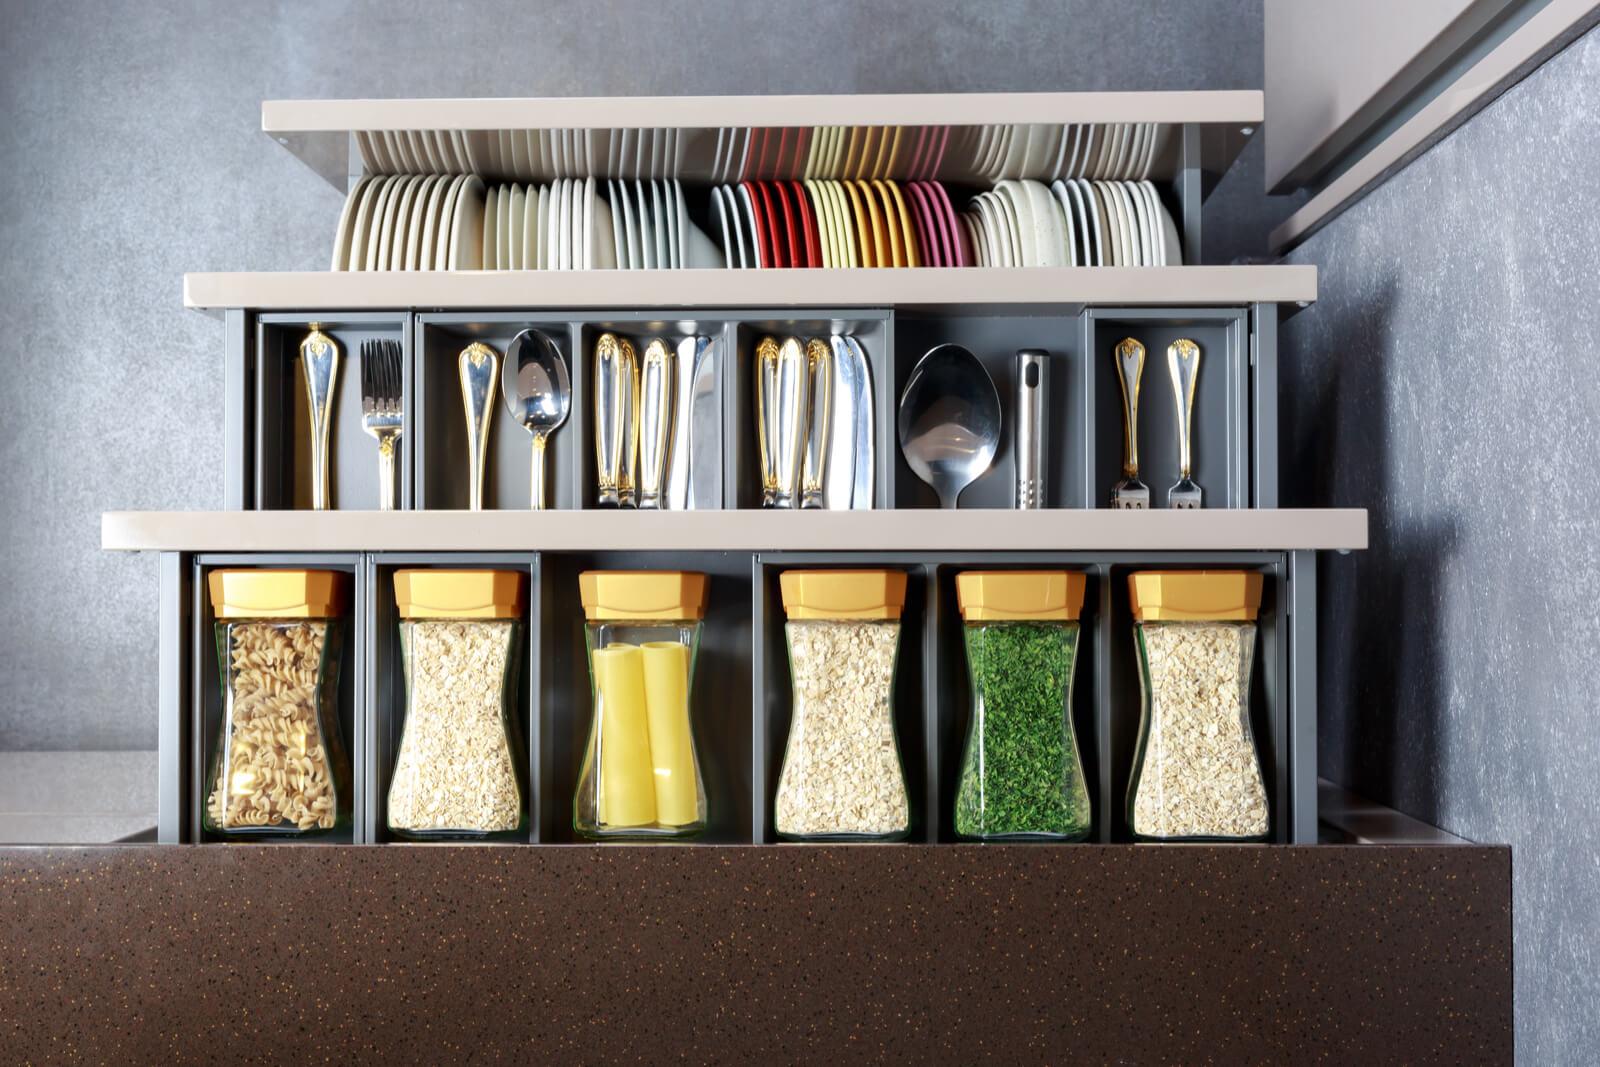 Full Size of Besten Ikea Hacks Fr Ein Personalisiertes Zuhause Holzküche Küche Kosten Teppich Schubladeneinsatz Aufbewahrung Einrichten Tapete Ohne Elektrogeräte U Form Wohnzimmer Ikea Hacks Küche